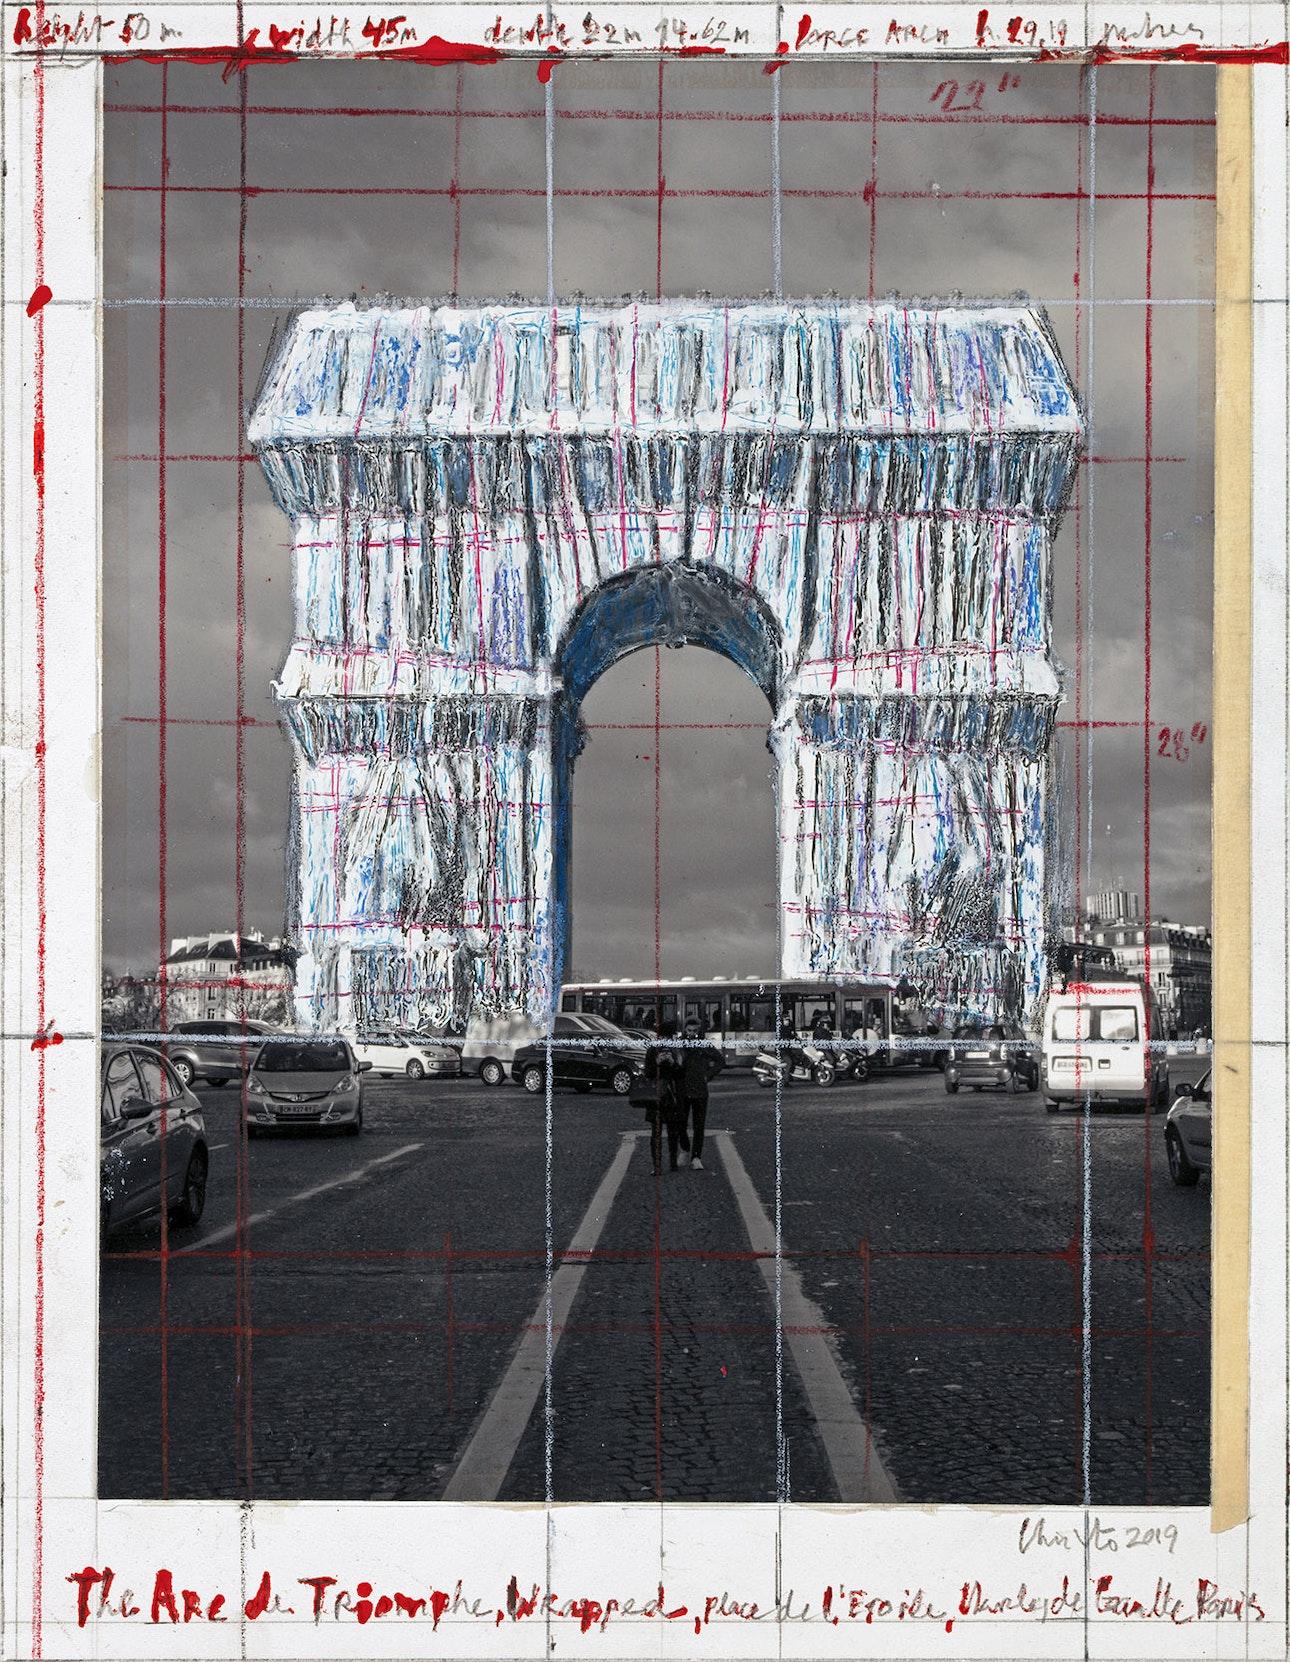 L'Arc de Triomphe, Wrapped - The Arc de Triomphe, Wrapped, Place de l'Etoile, Charles de Gaulle, Paris